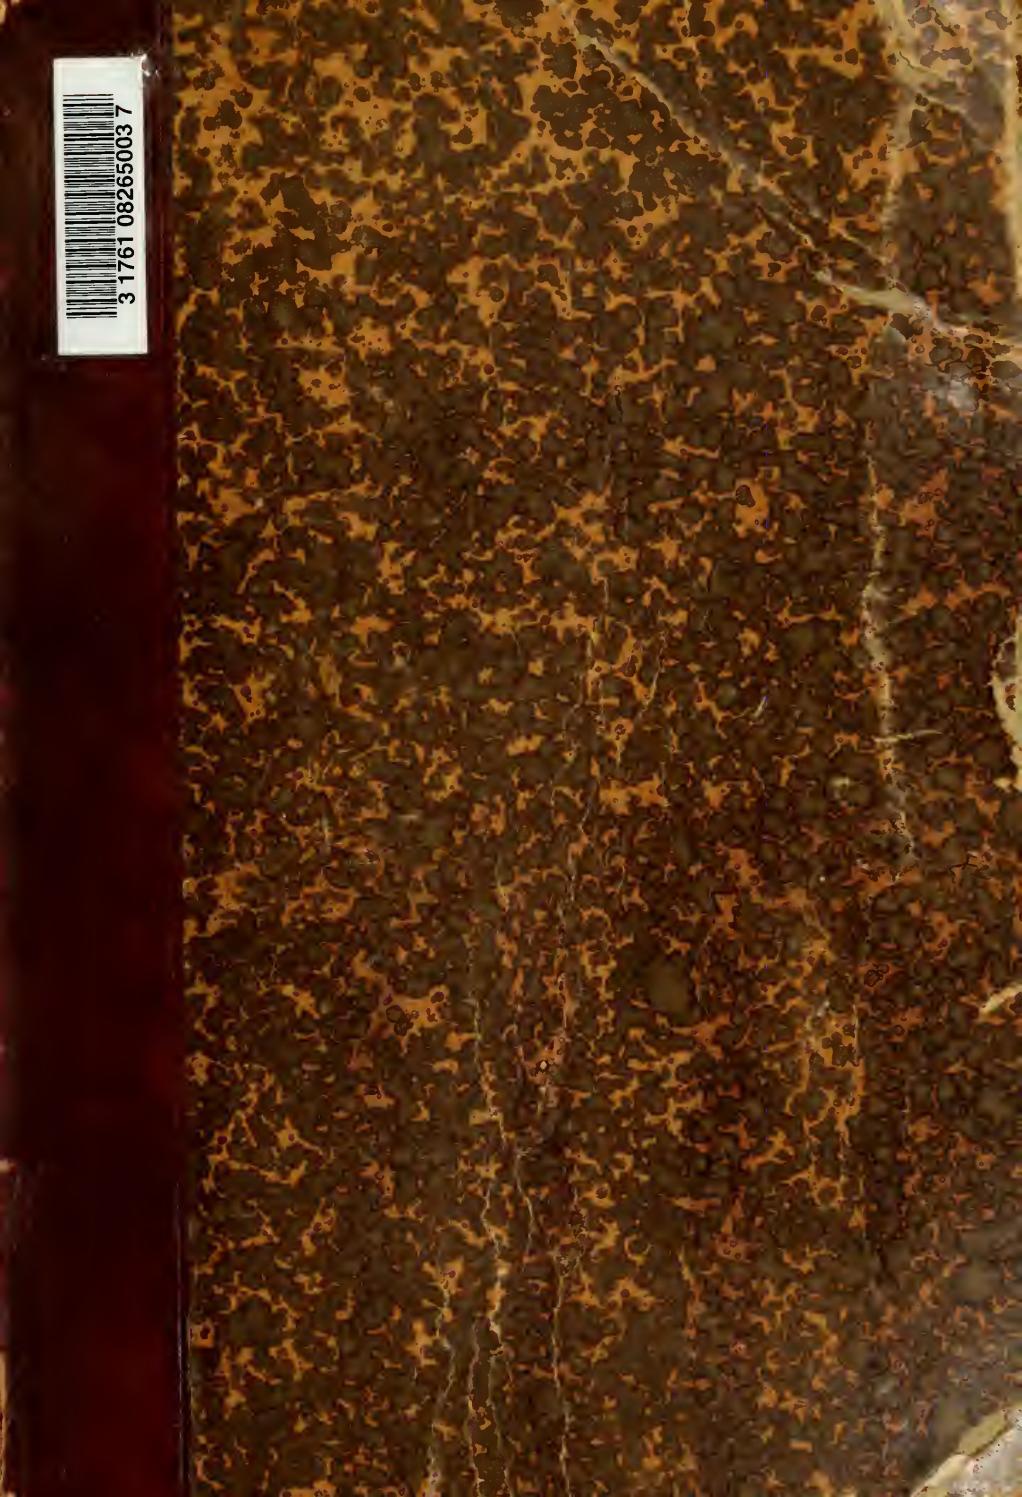 f3358d66ce Revista española de literatura, historia, y arte 1901 by Francisco Javier -  issuu